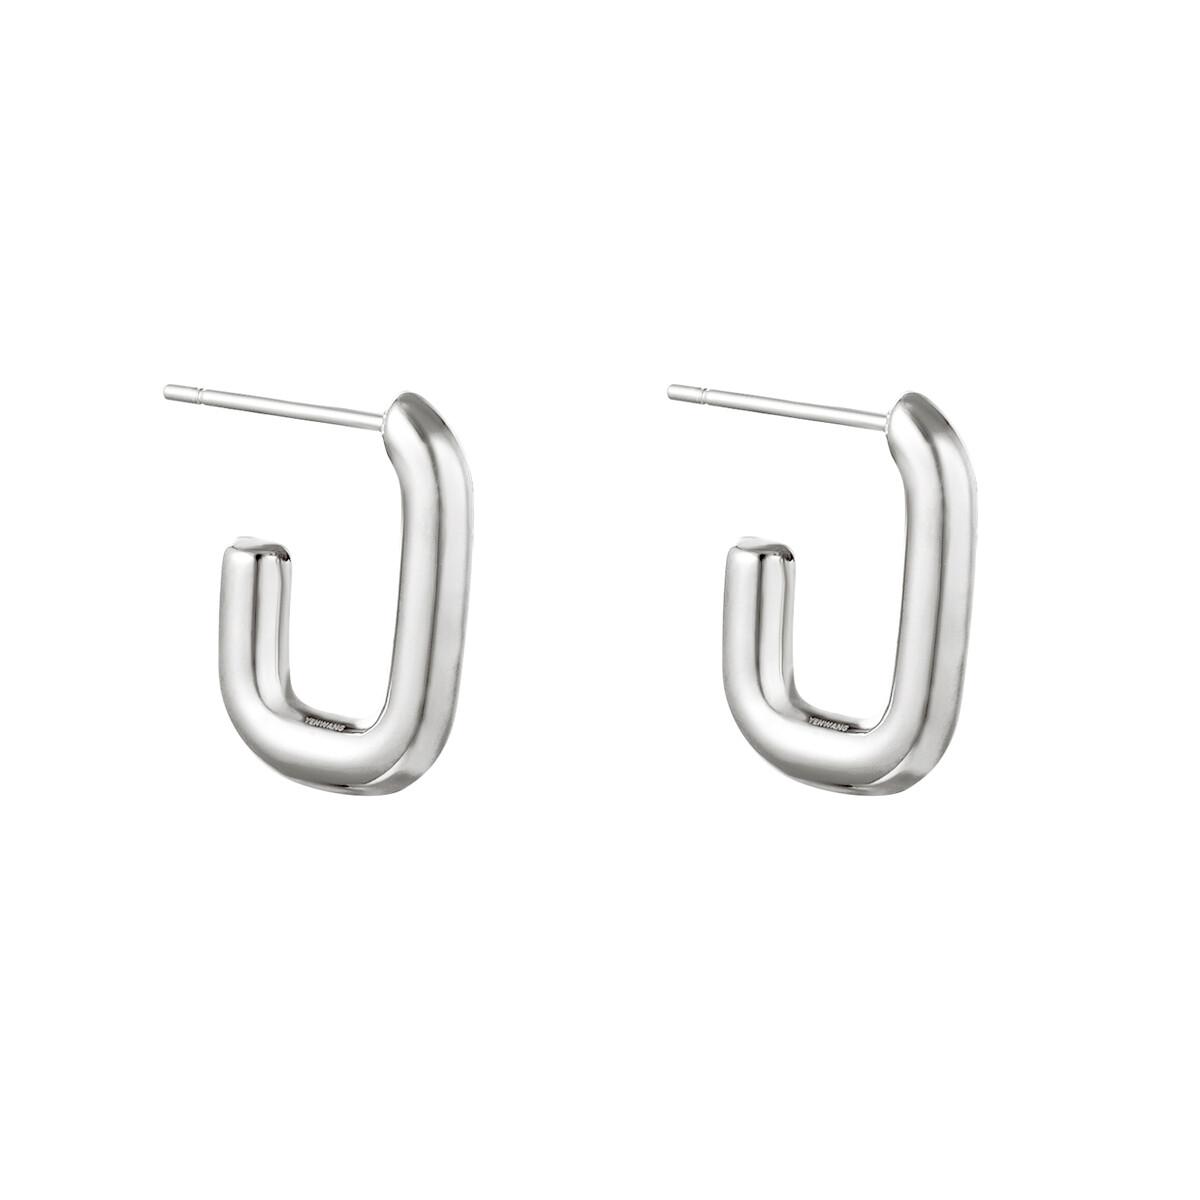 Minimalistische open oorringetjes zilver 18mm stainless steel